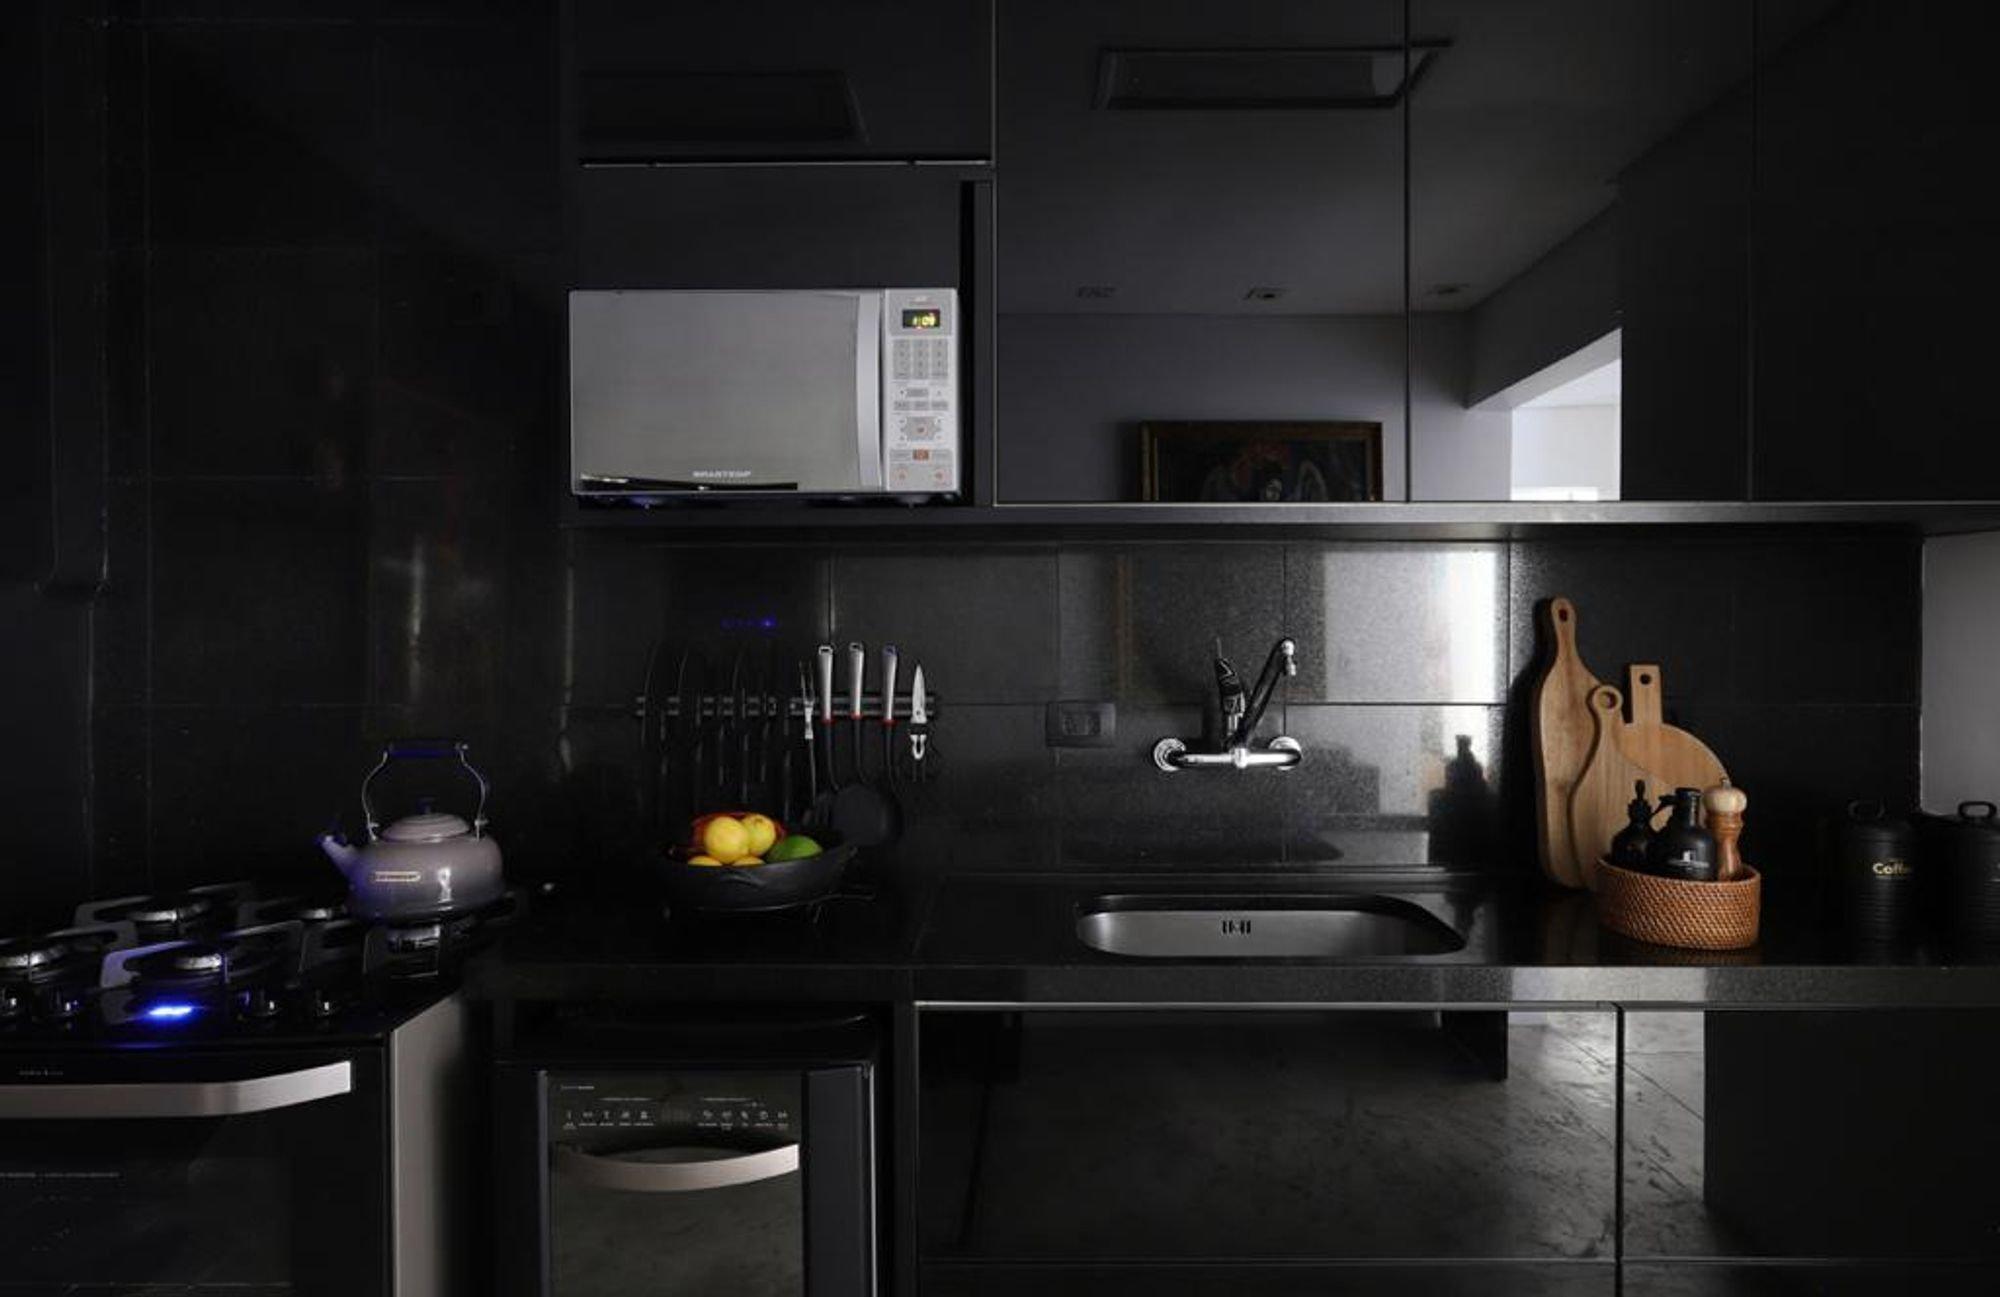 Foto de Cozinha com forno, tigela, pia, microondas